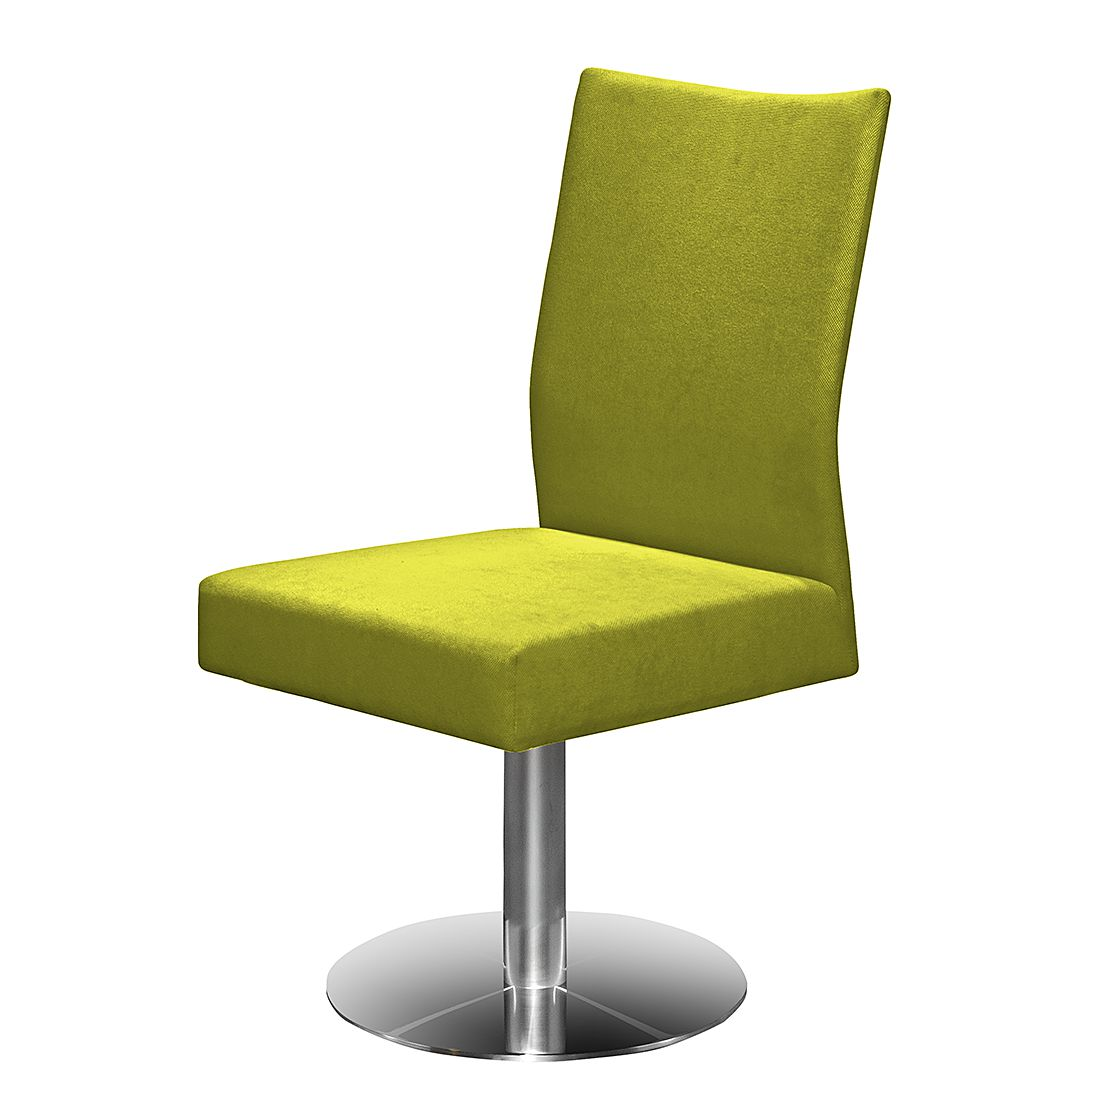 Drehstuhl Set – Grün, Arte M bestellen